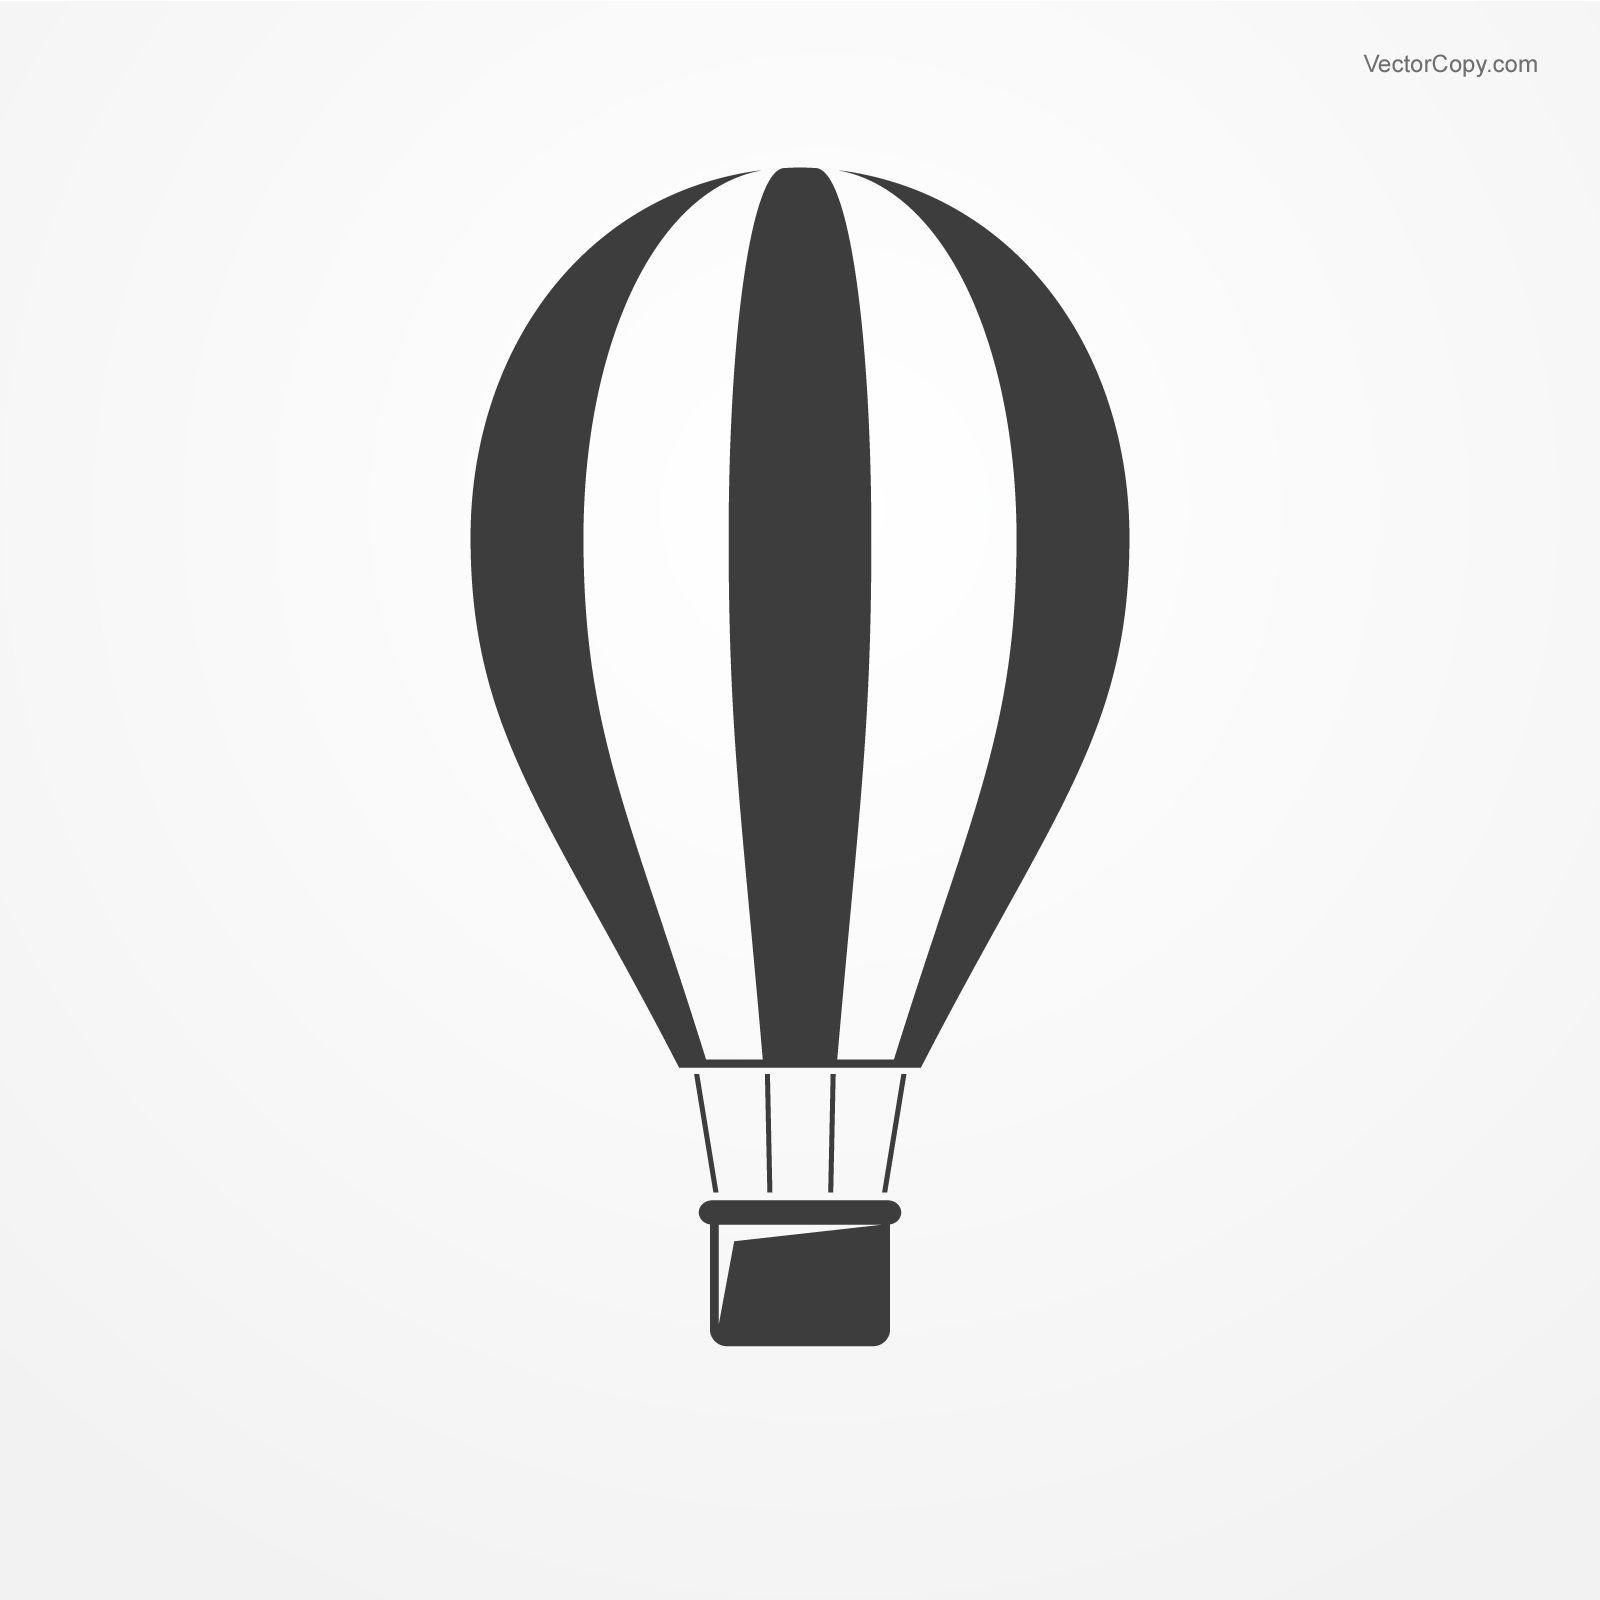 Balloon Icon Free Vector